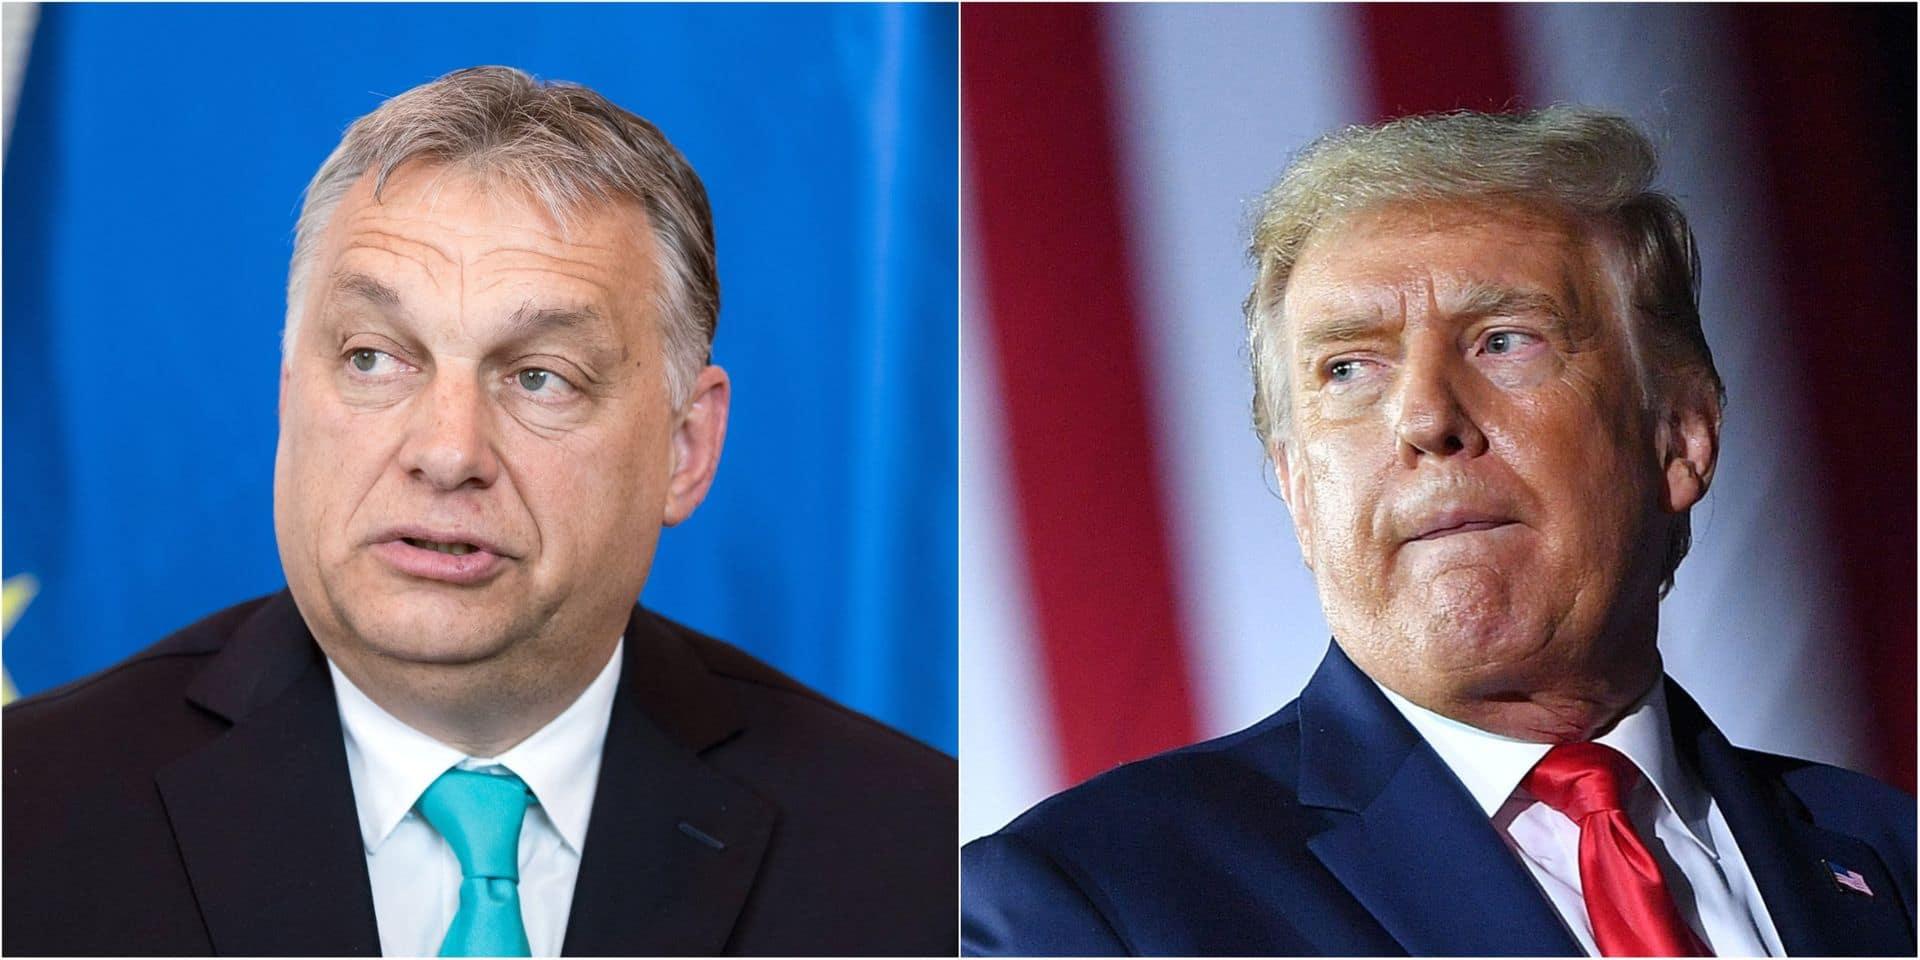 """Le Premier ministre hongrois Viktor Orban souhaite la réélection de Donald Trump: """"Ce qu'il représente est bon pour l'Europe centrale"""""""